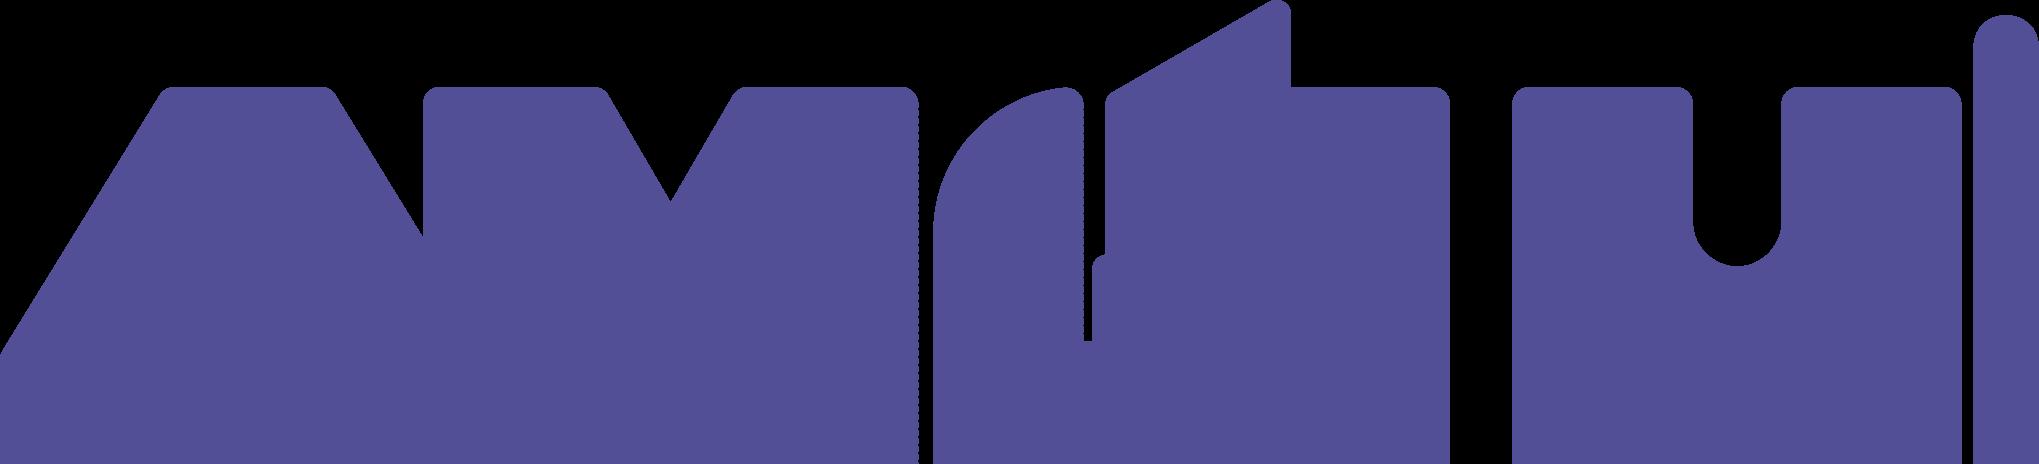 AVnu_R_logo_RGB